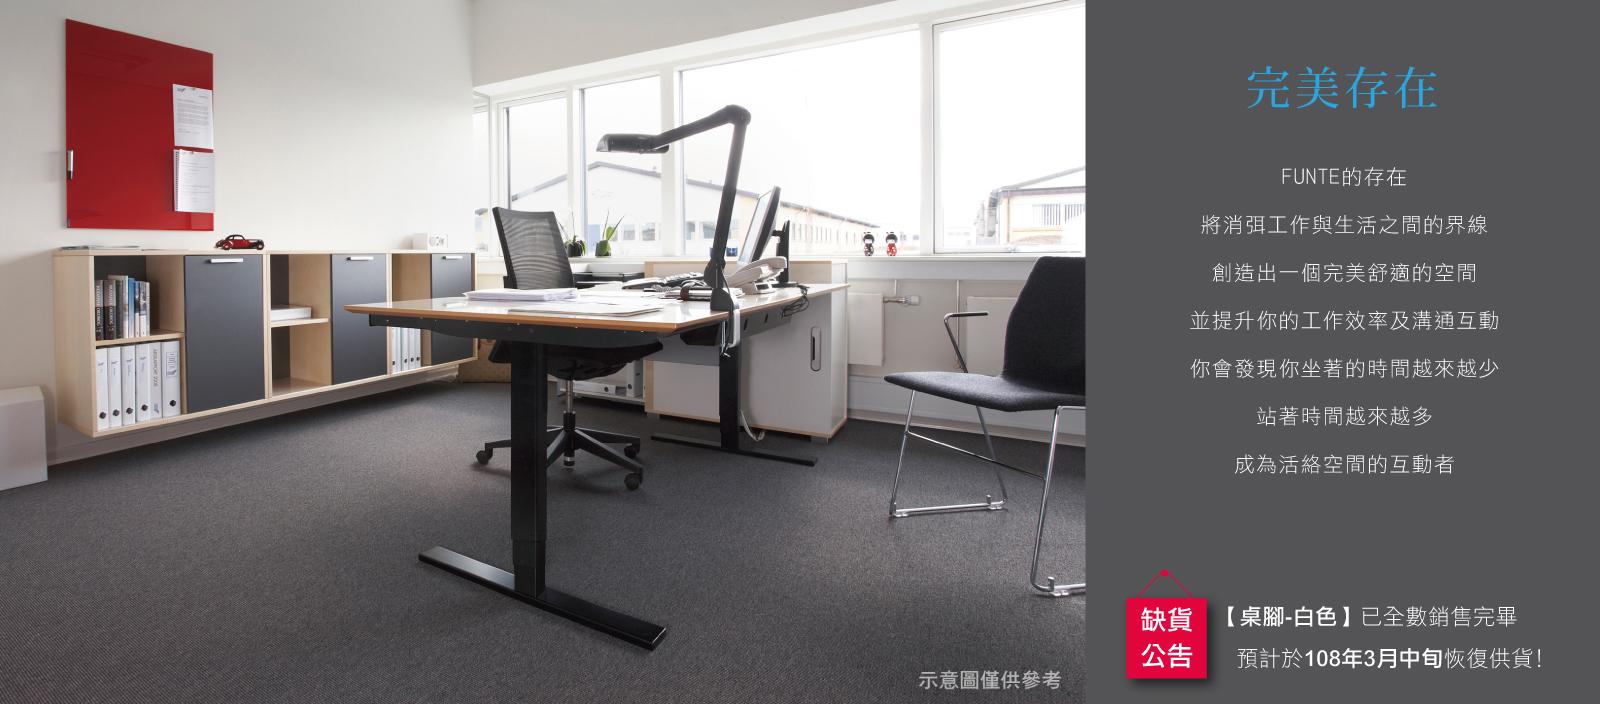 電動升降桌,升降桌,工作桌,站立桌